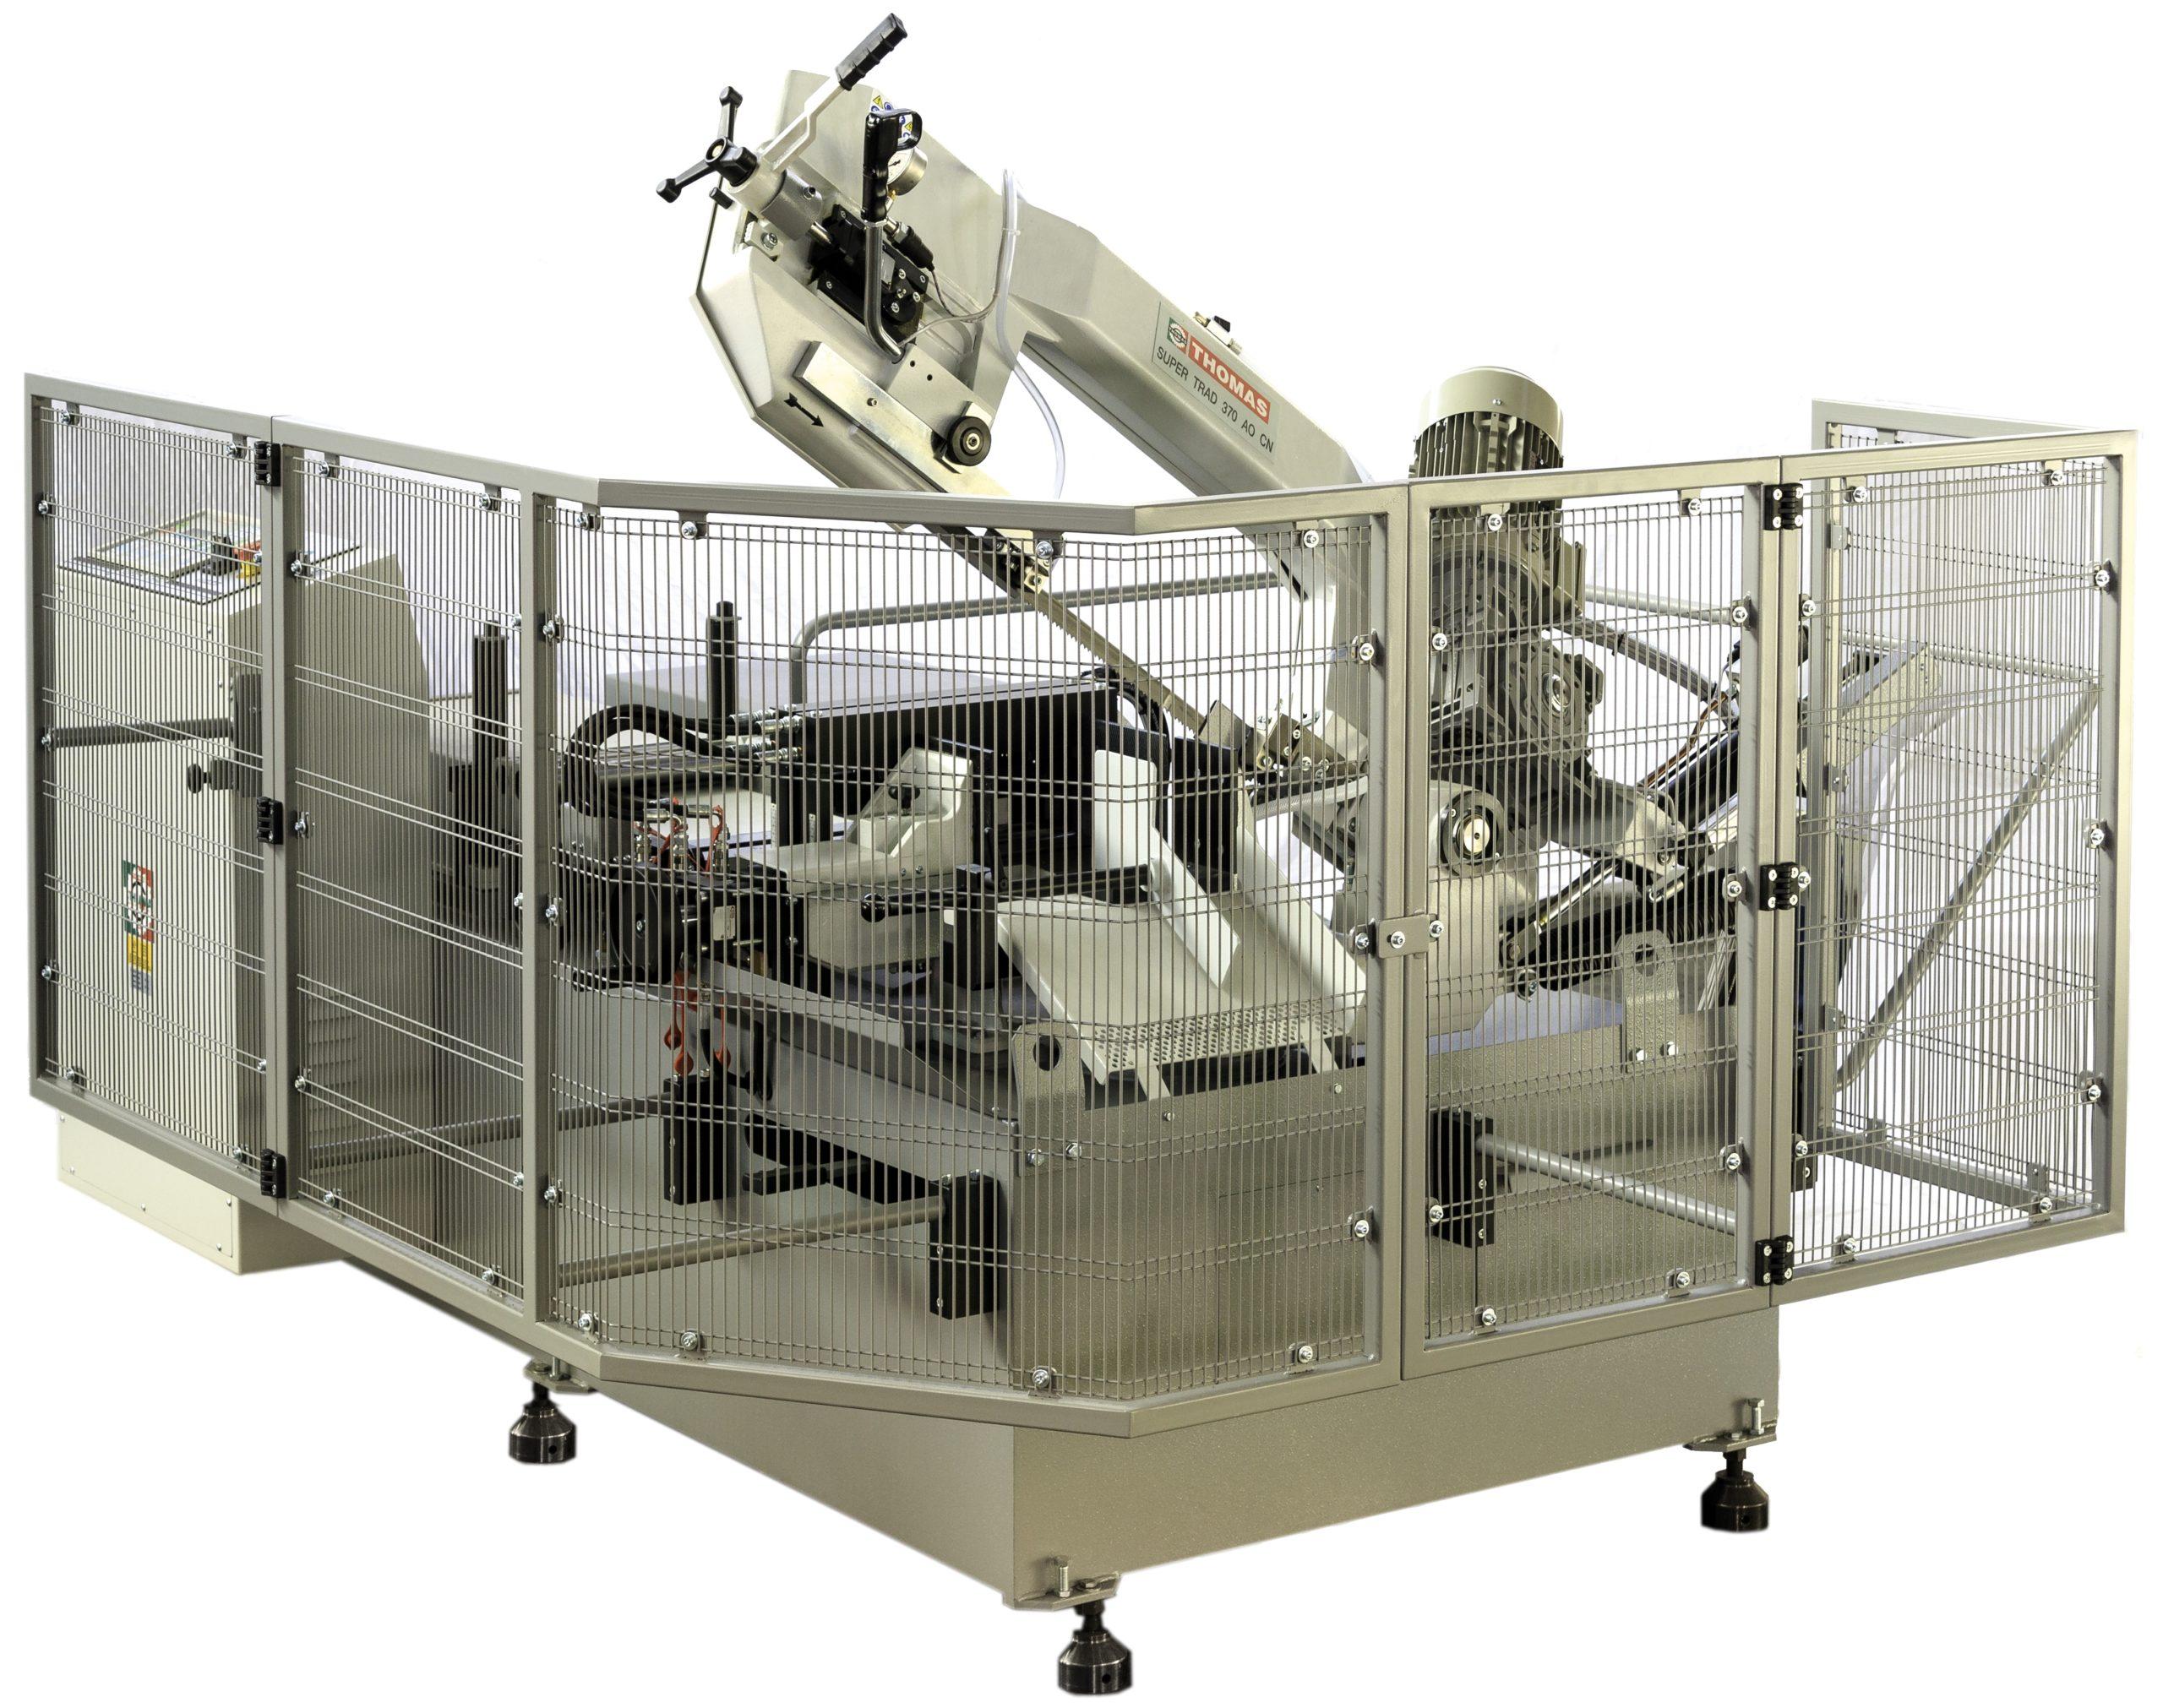 Automatisk Bandkapsåg Super Trad 370 AOCN Evolution